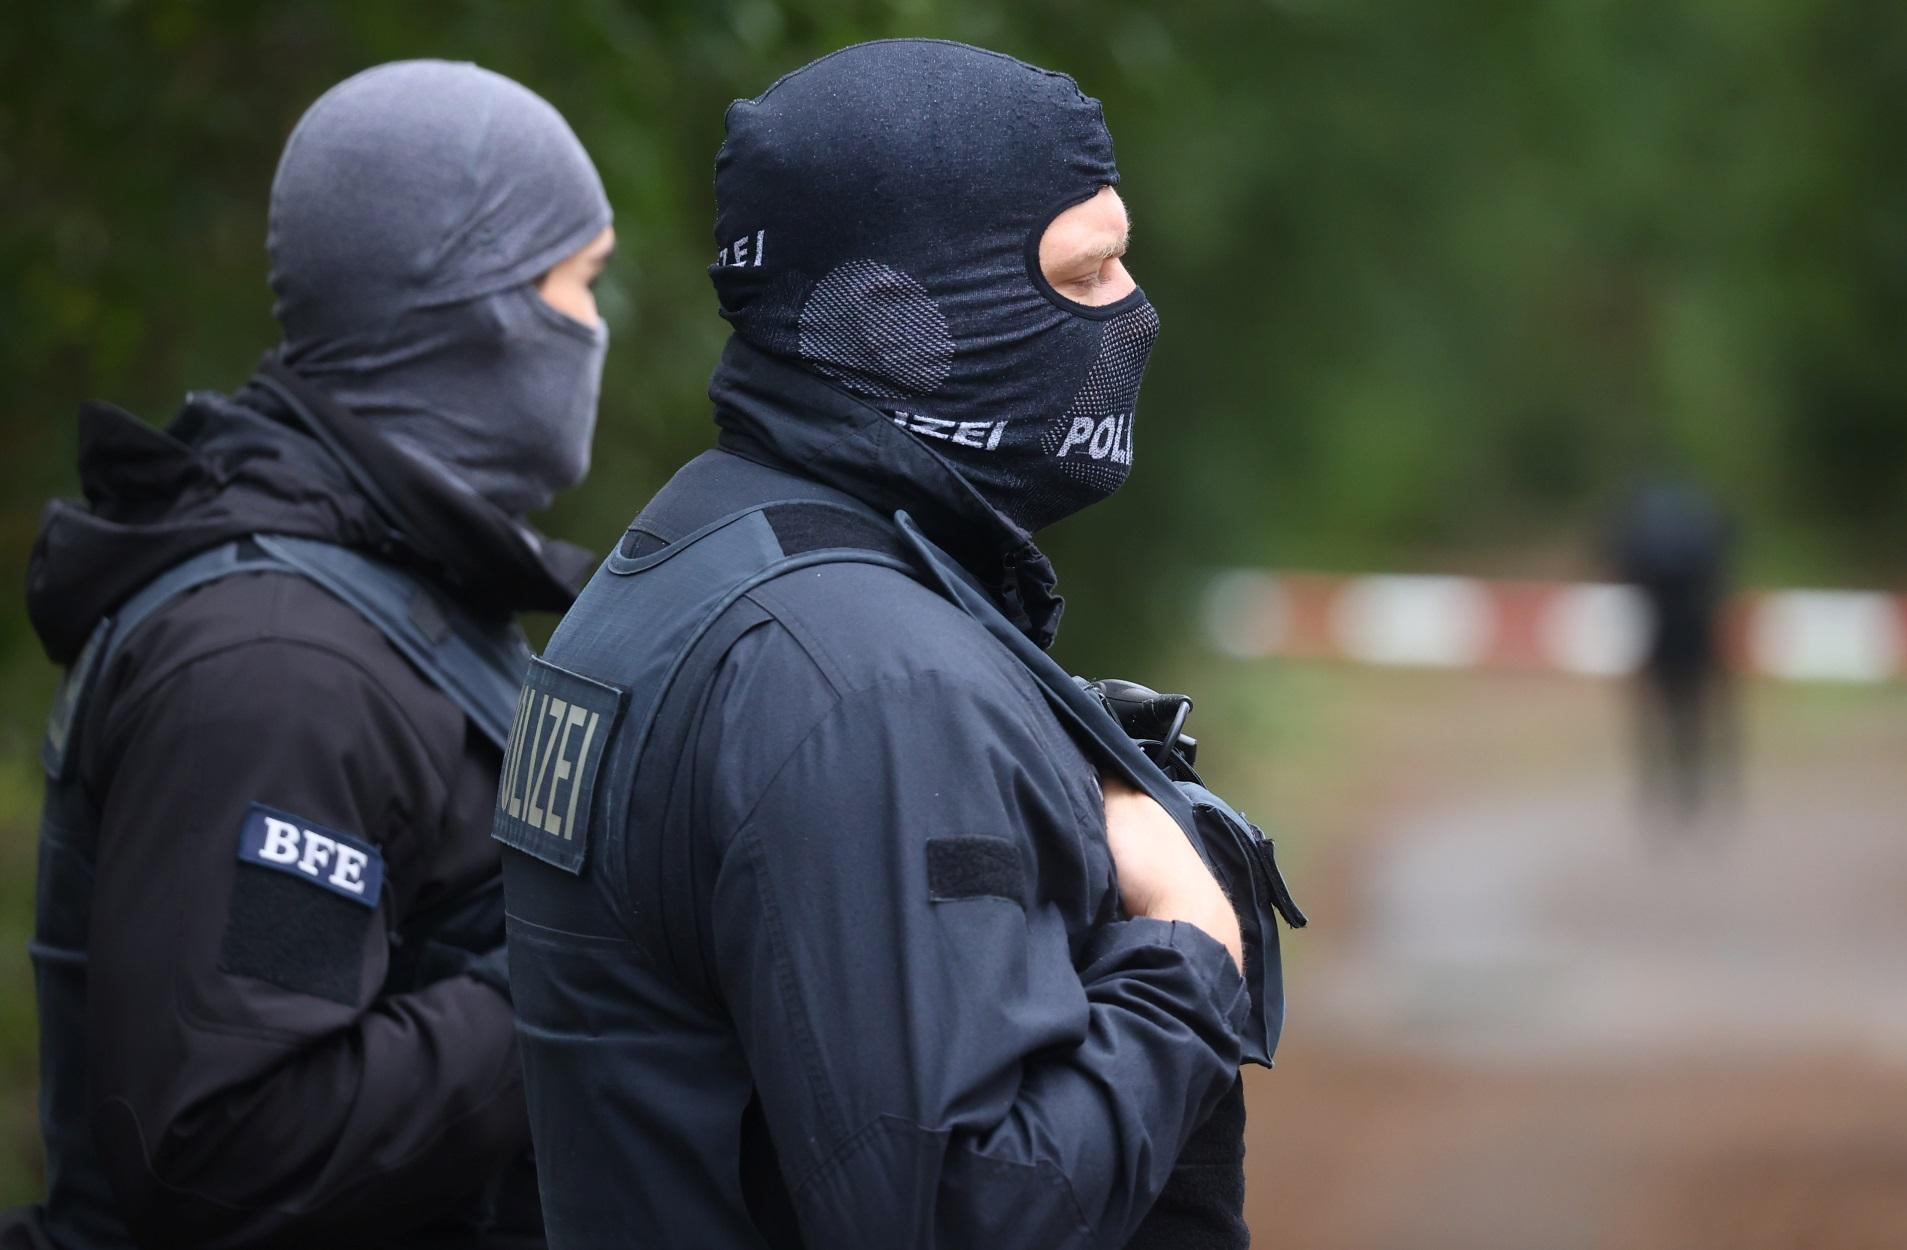 αστυνομικοί στη Γερμανία